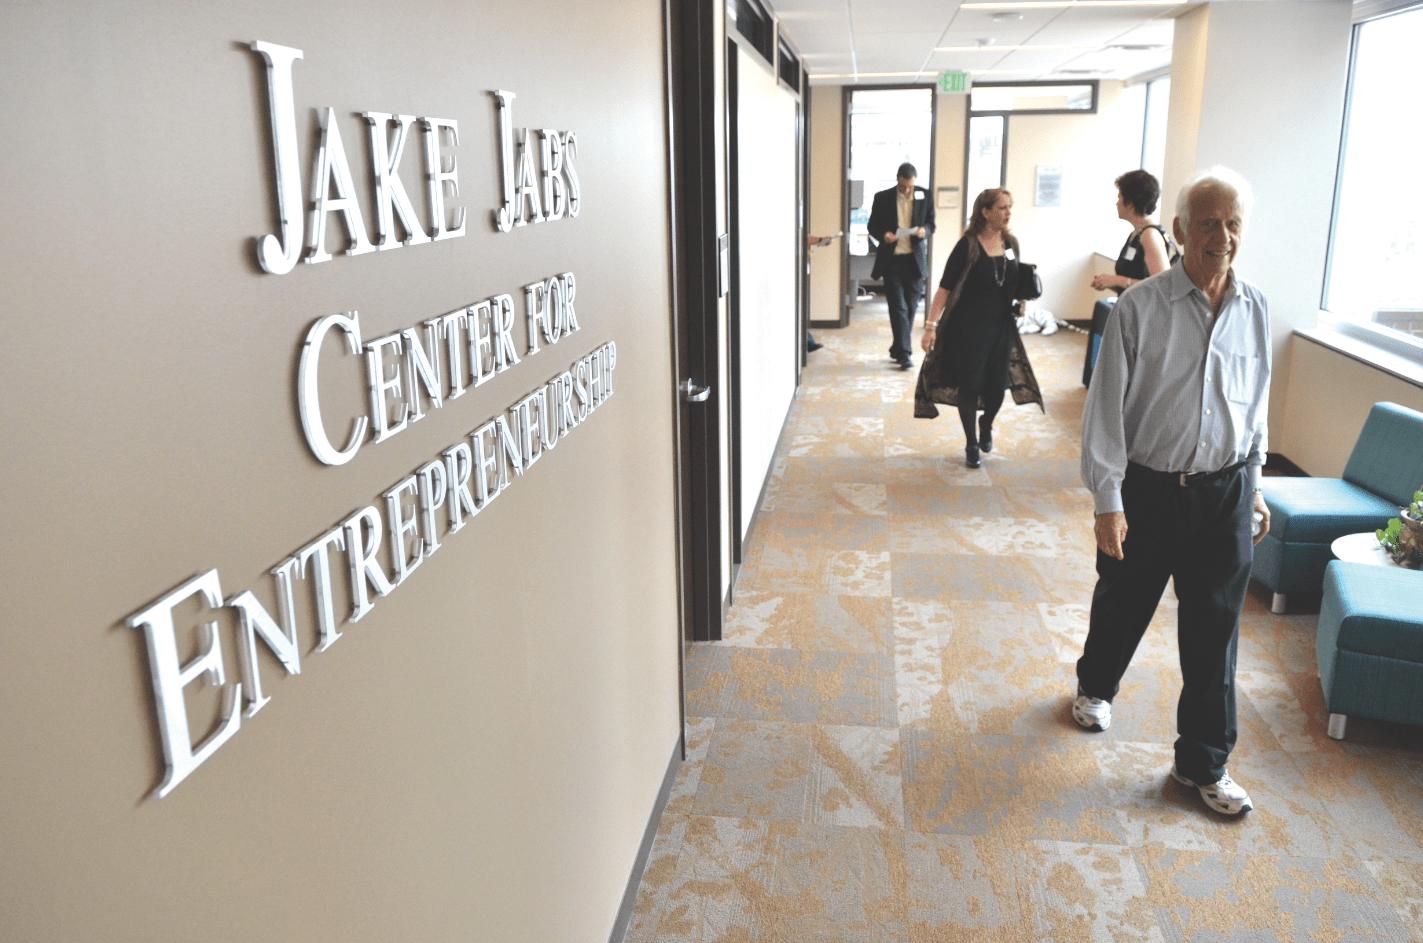 Jake Jabs Center for Entrepreneurship at University of Colorado Denver